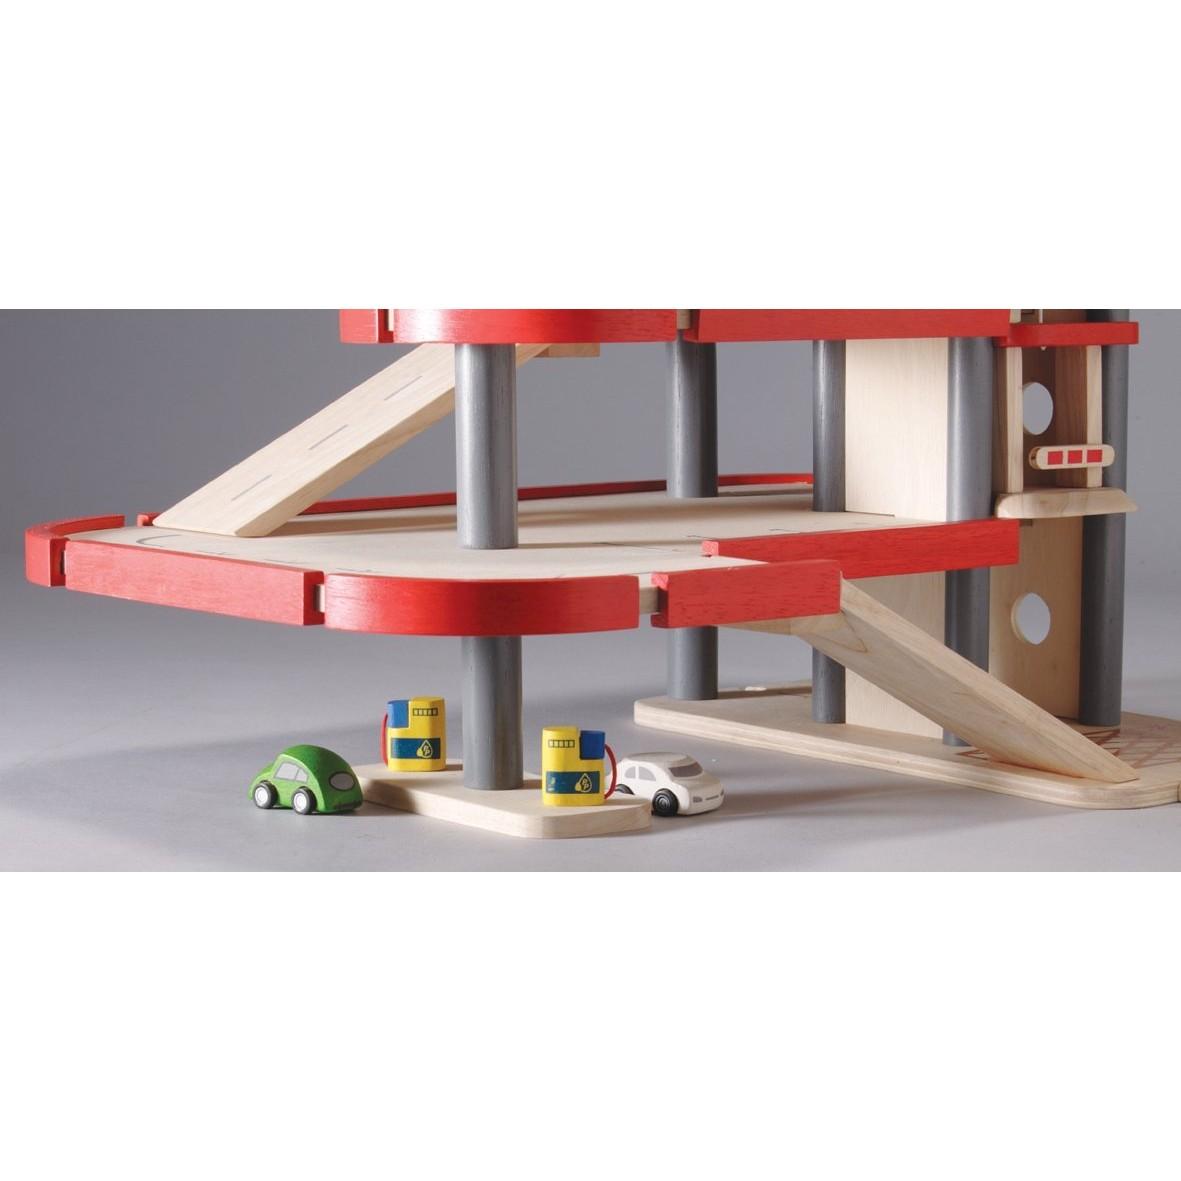 Plan Toys Parking Garage 6227